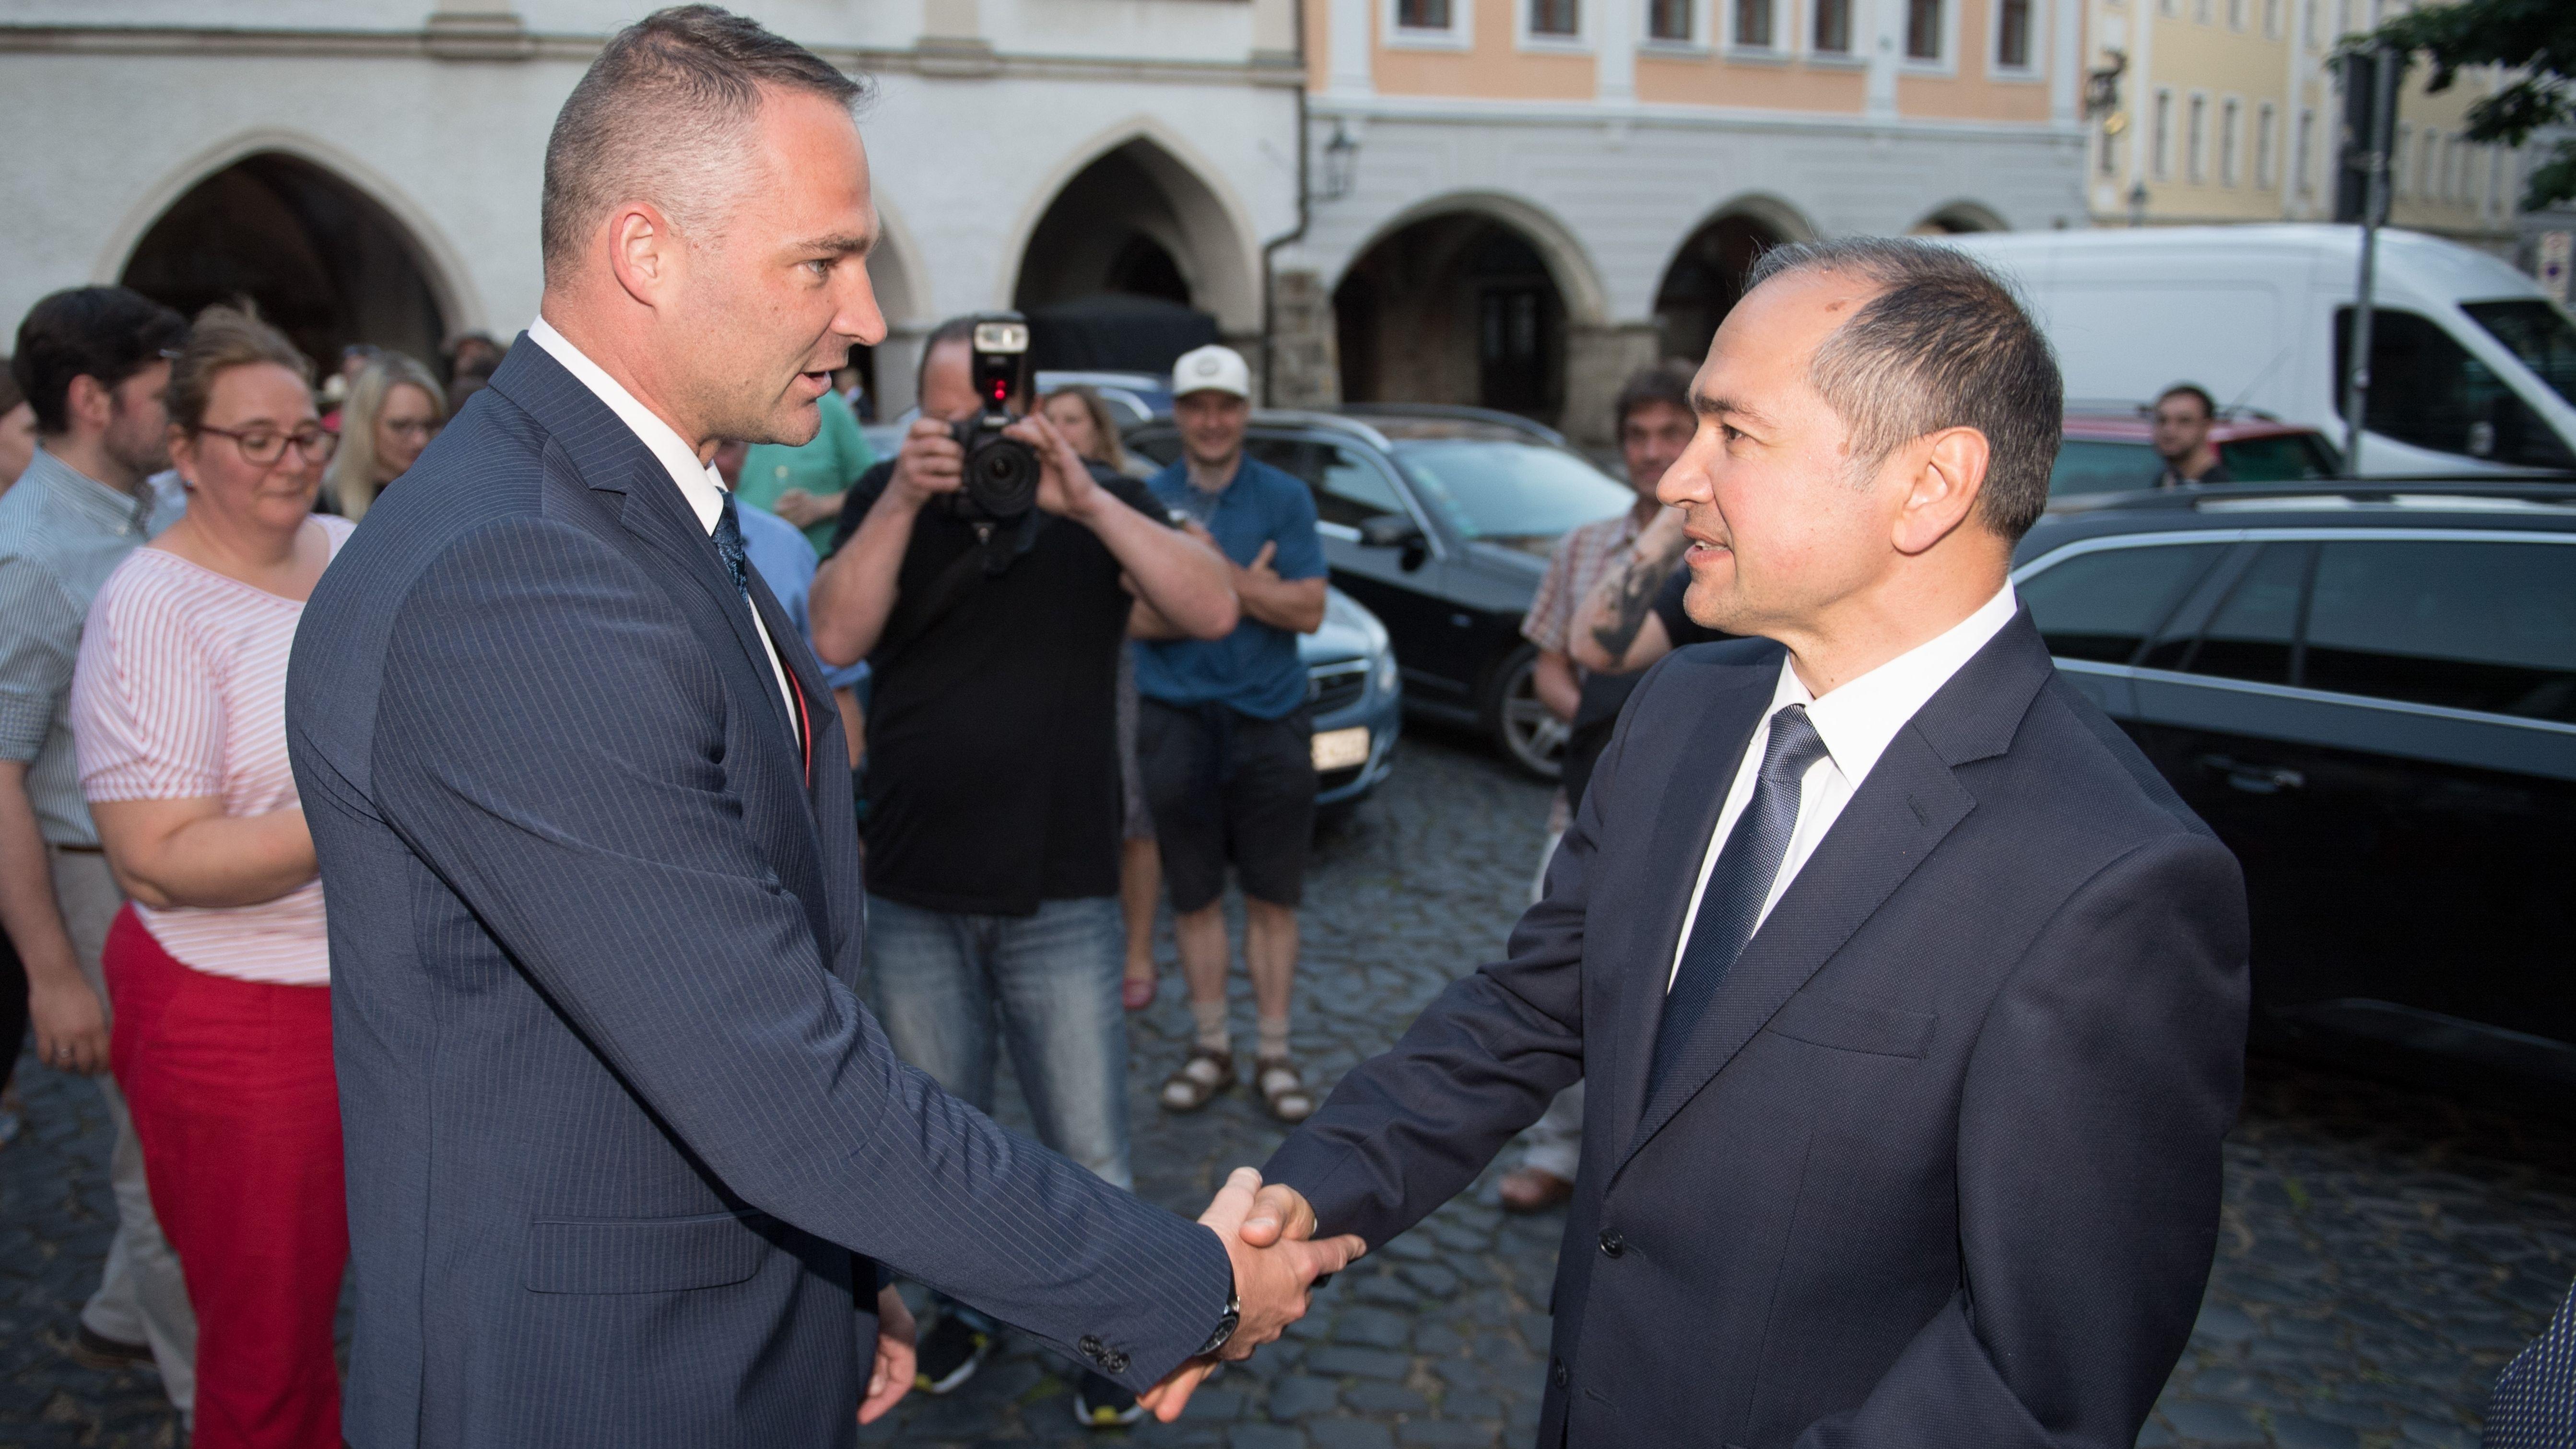 Sebastian Wippel (l), AfD-Landtagsabgeordneter und Oberbürgermeisterkandidat für Görlitz, gratuliert Octavian Ursu (CDU), Oberbürgermeisterkandidat für Görlitz, auf dem Untermarkt.